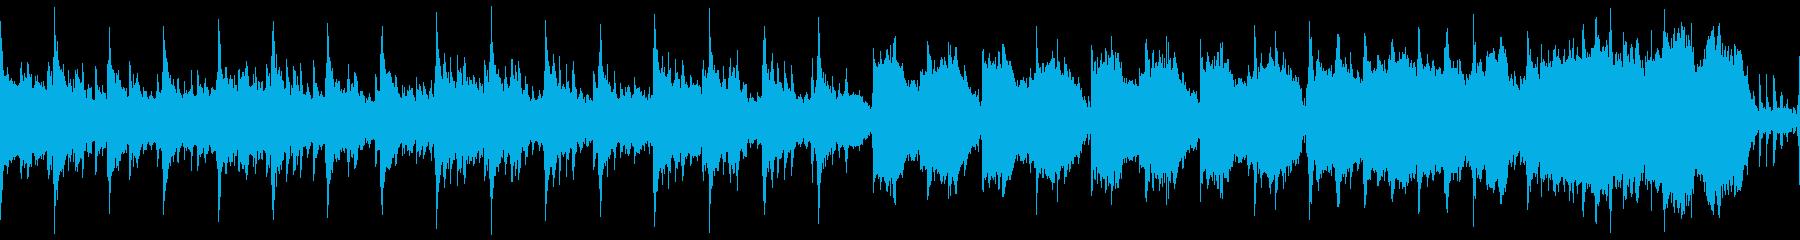 中世の不穏なゴシック曲(ループ)の再生済みの波形